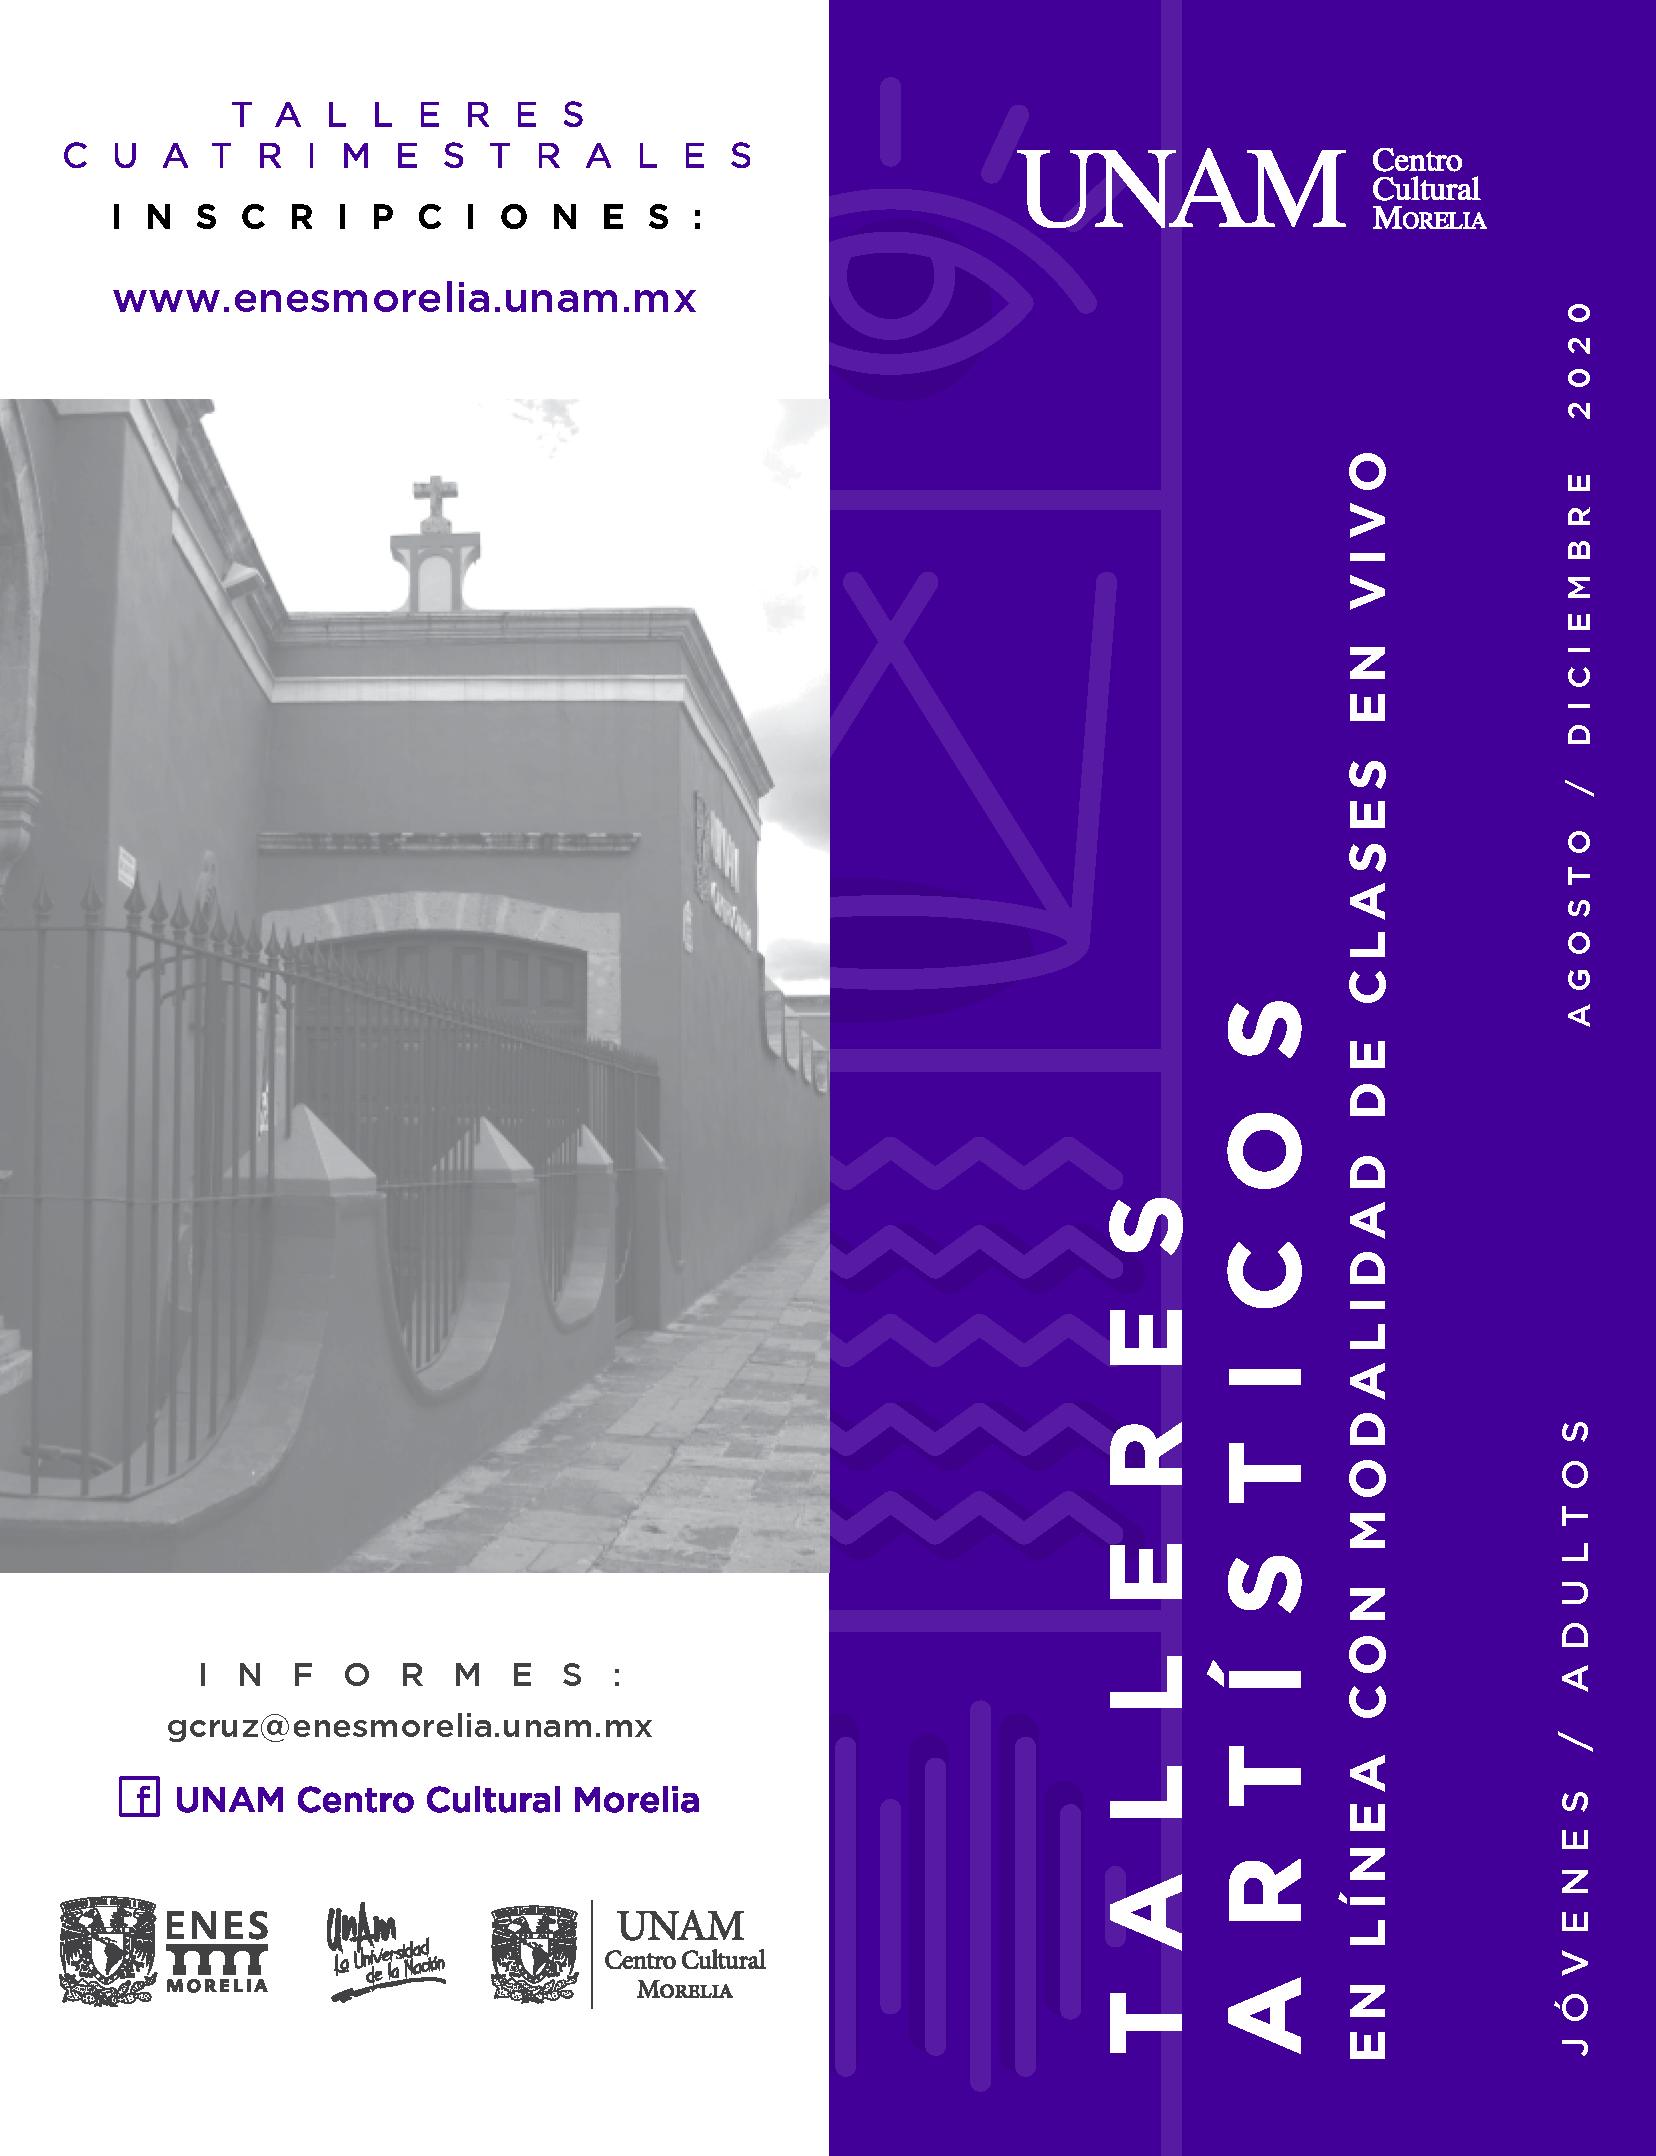 Talleres Artísticos UNAM Centro Cultural Morelia 2020